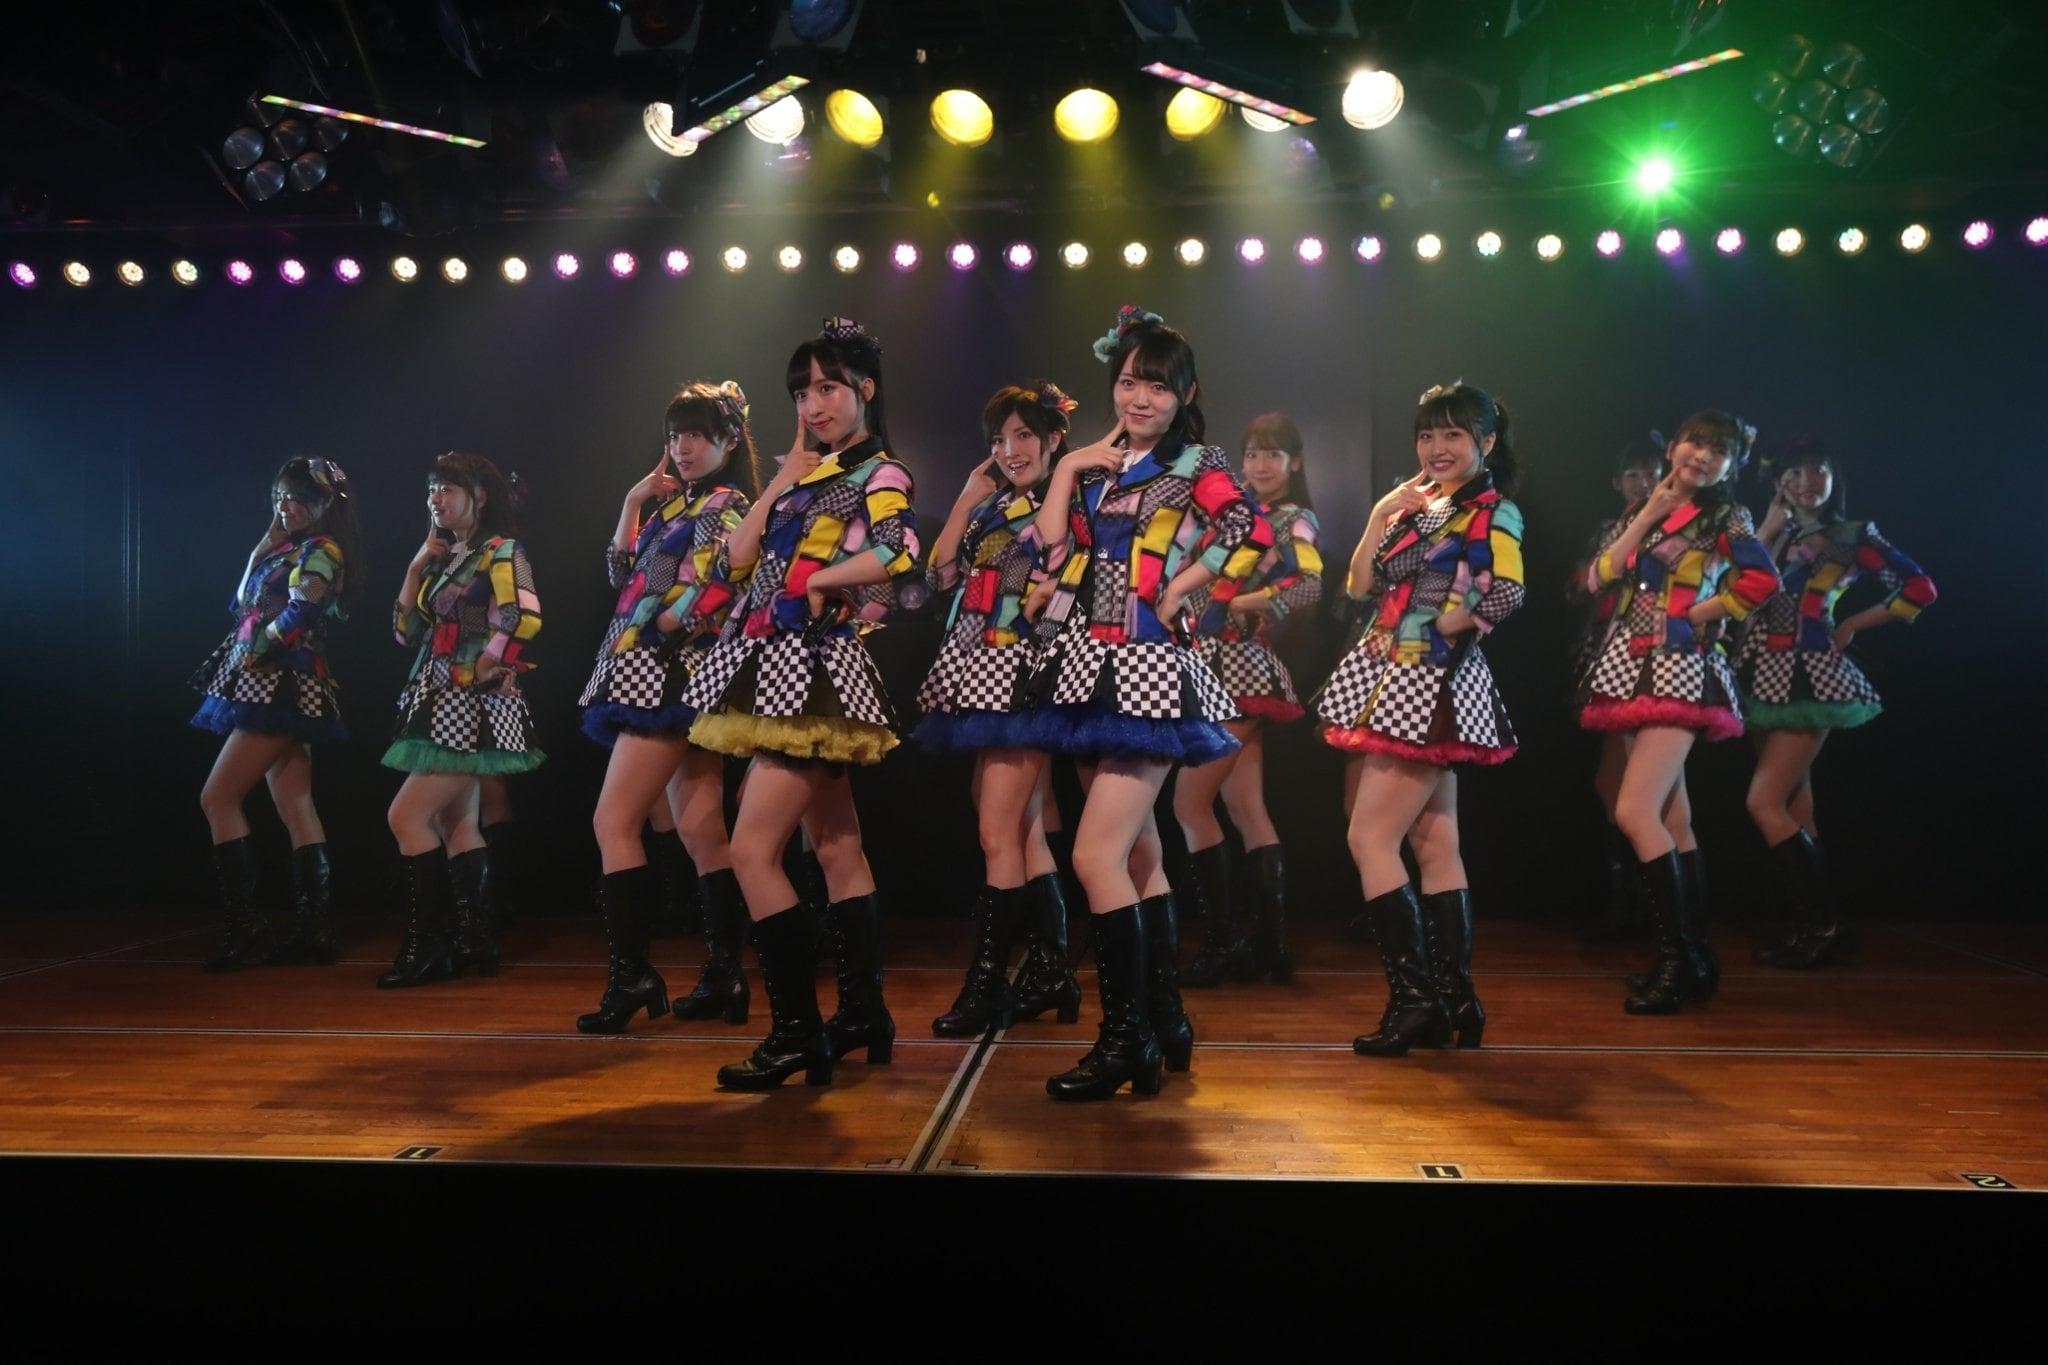 柏木由紀がセットリストを考案!AKB48新公演「僕の夏が始まる」が開幕【写真9枚】の画像002